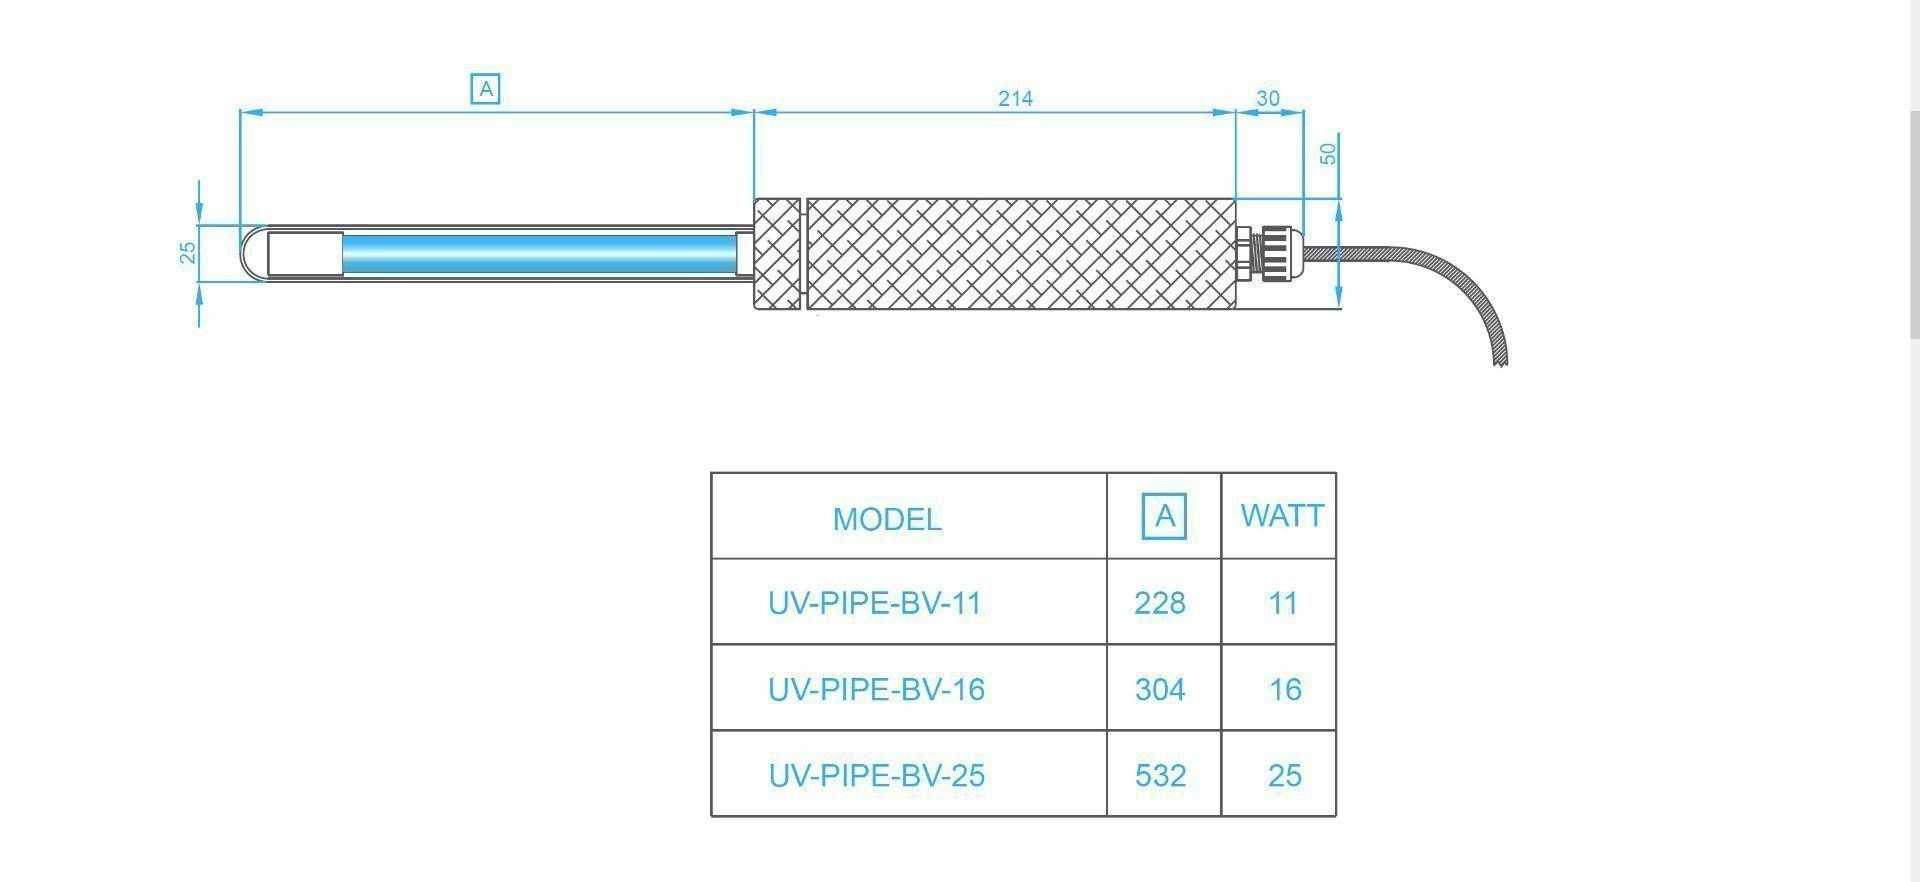 UV PIPE BV 16